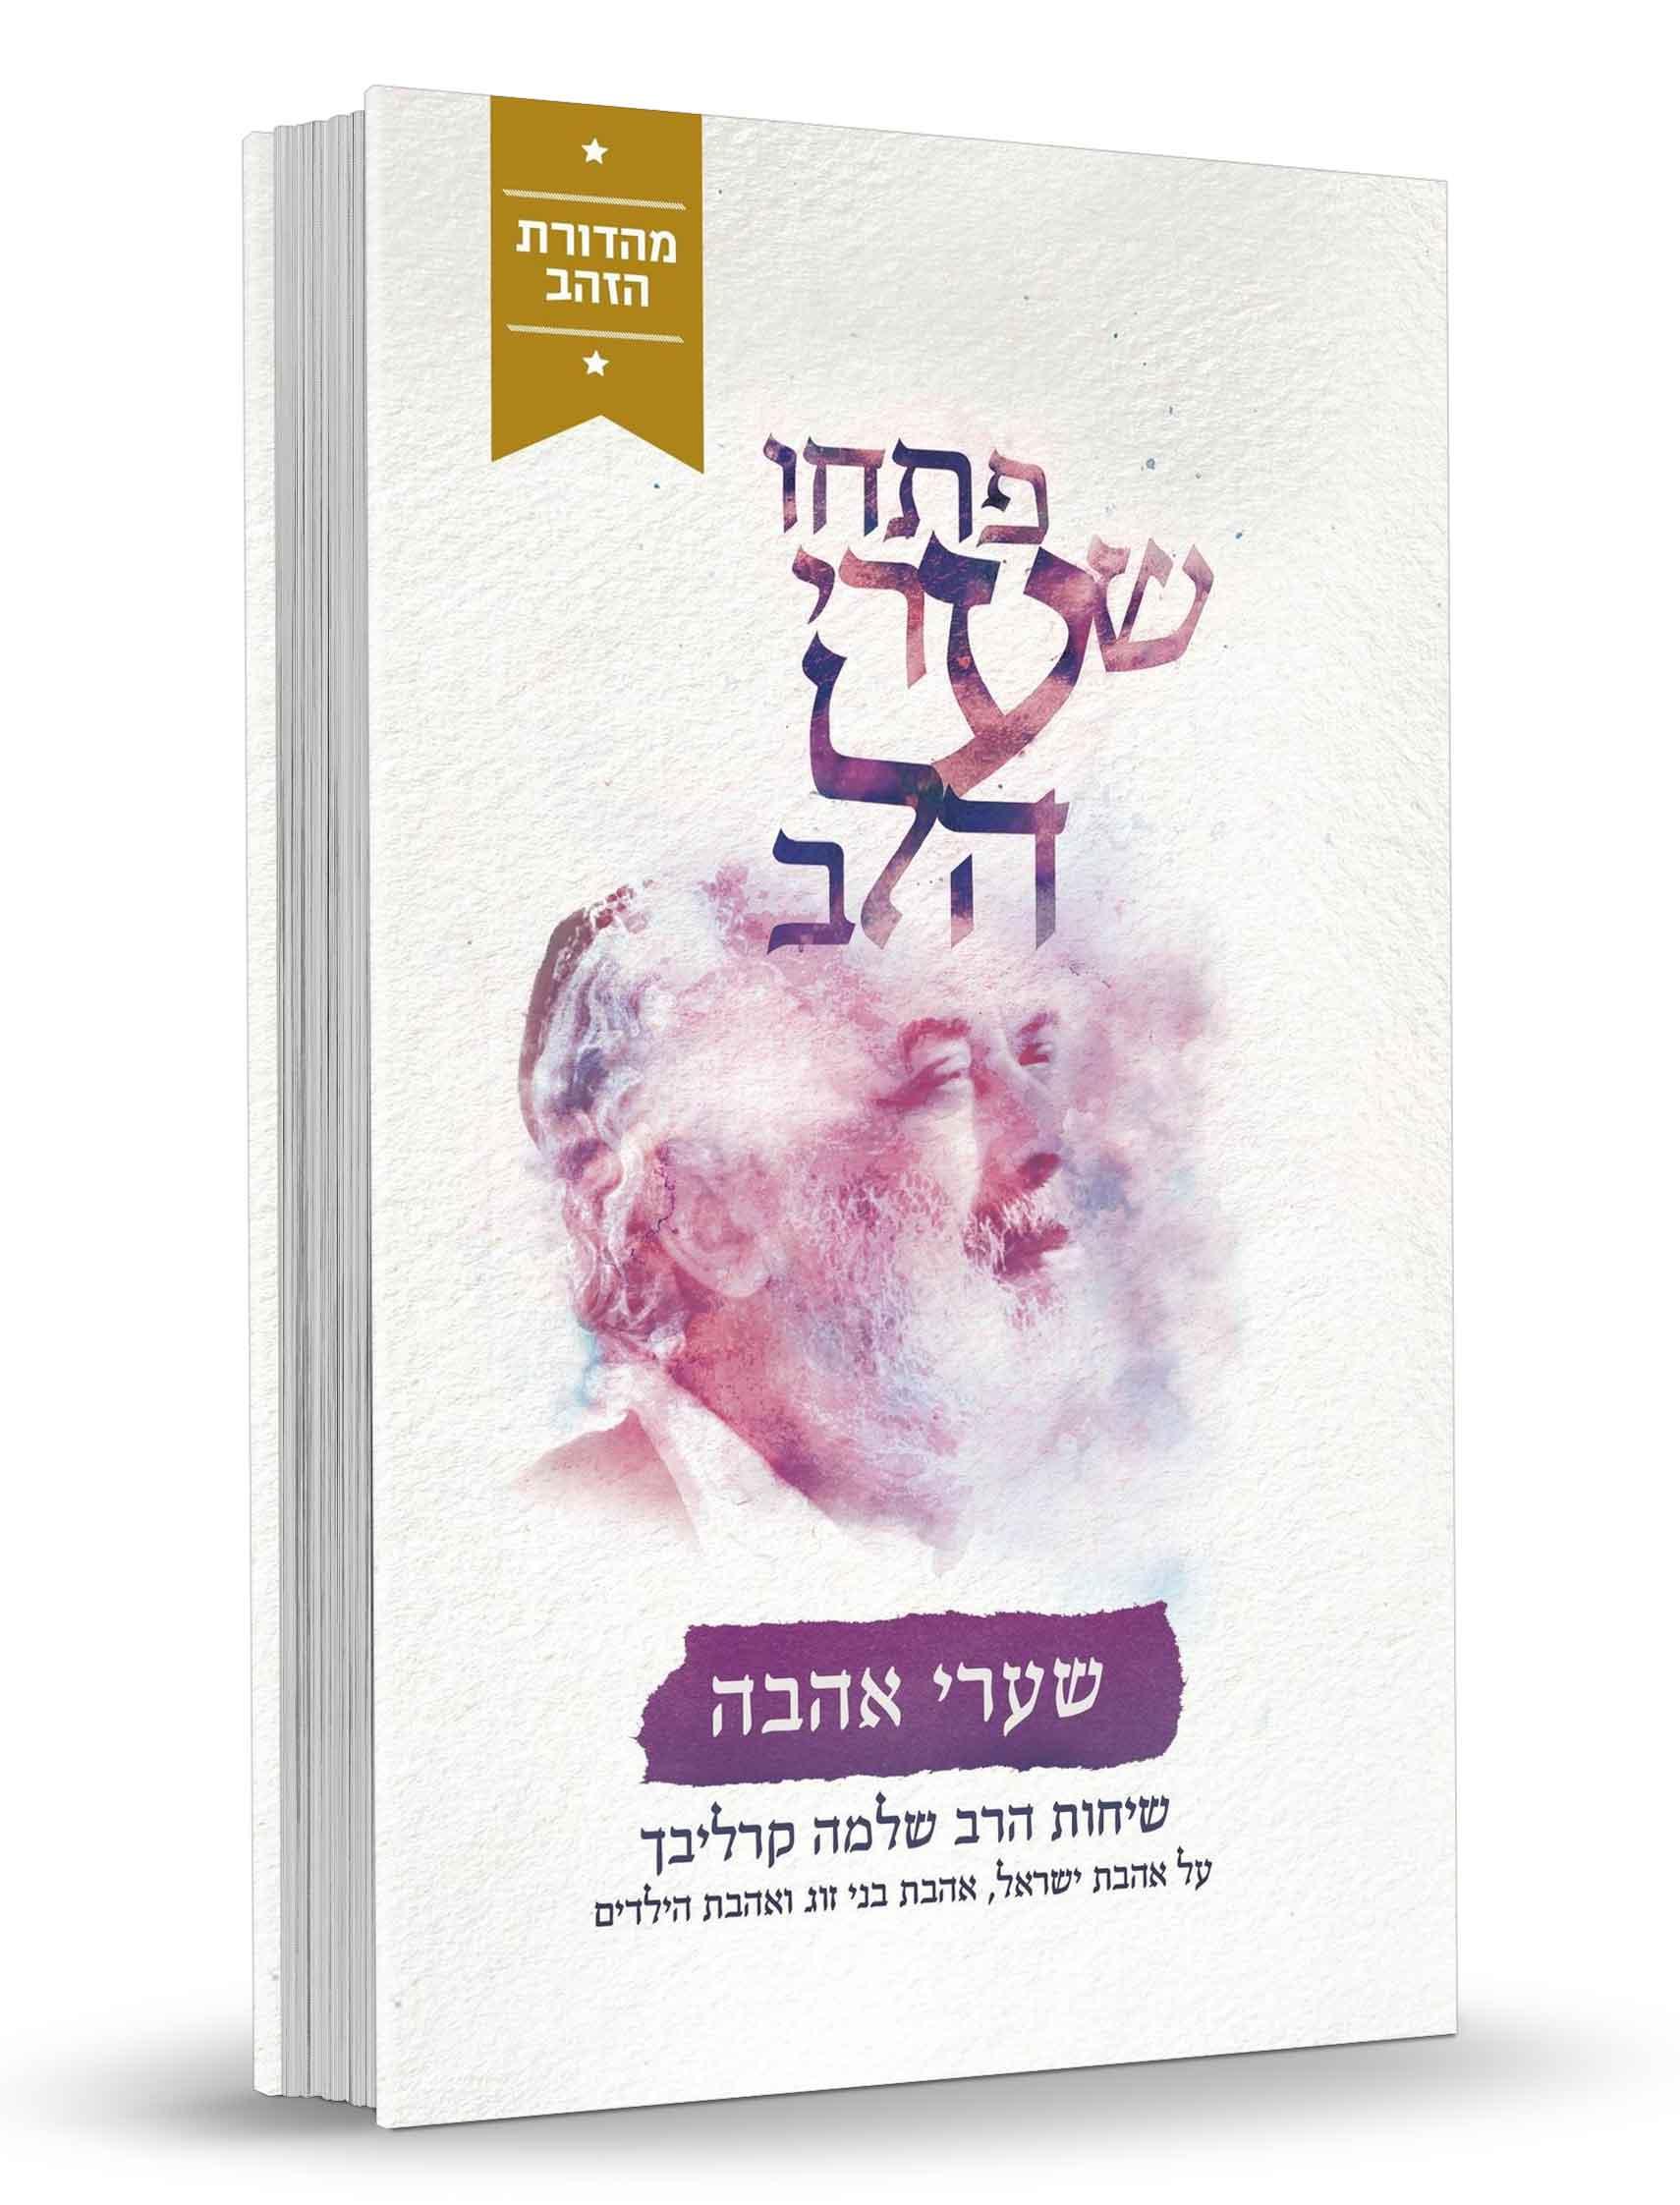 פתחו שערי הלב - שערי אהבה - שיחות הרב שלמה קרליבך חלק 2